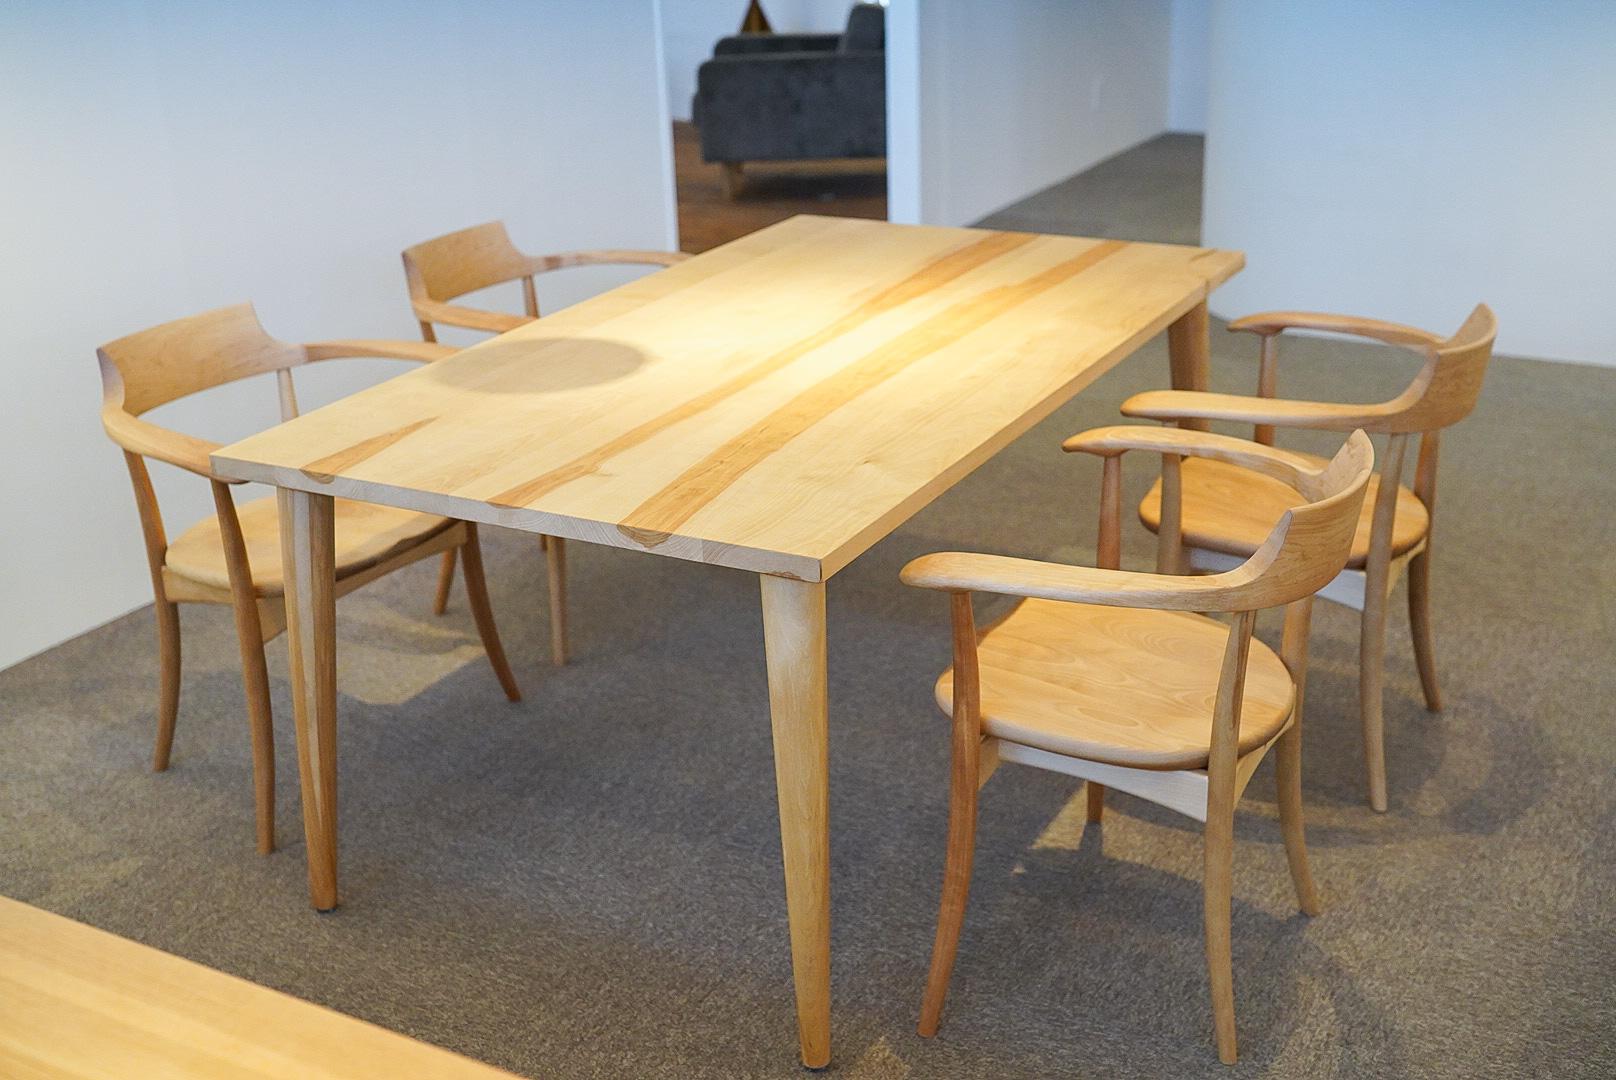 日本に古来からある広葉樹のカバで作ったダイニングテーブルとチェア